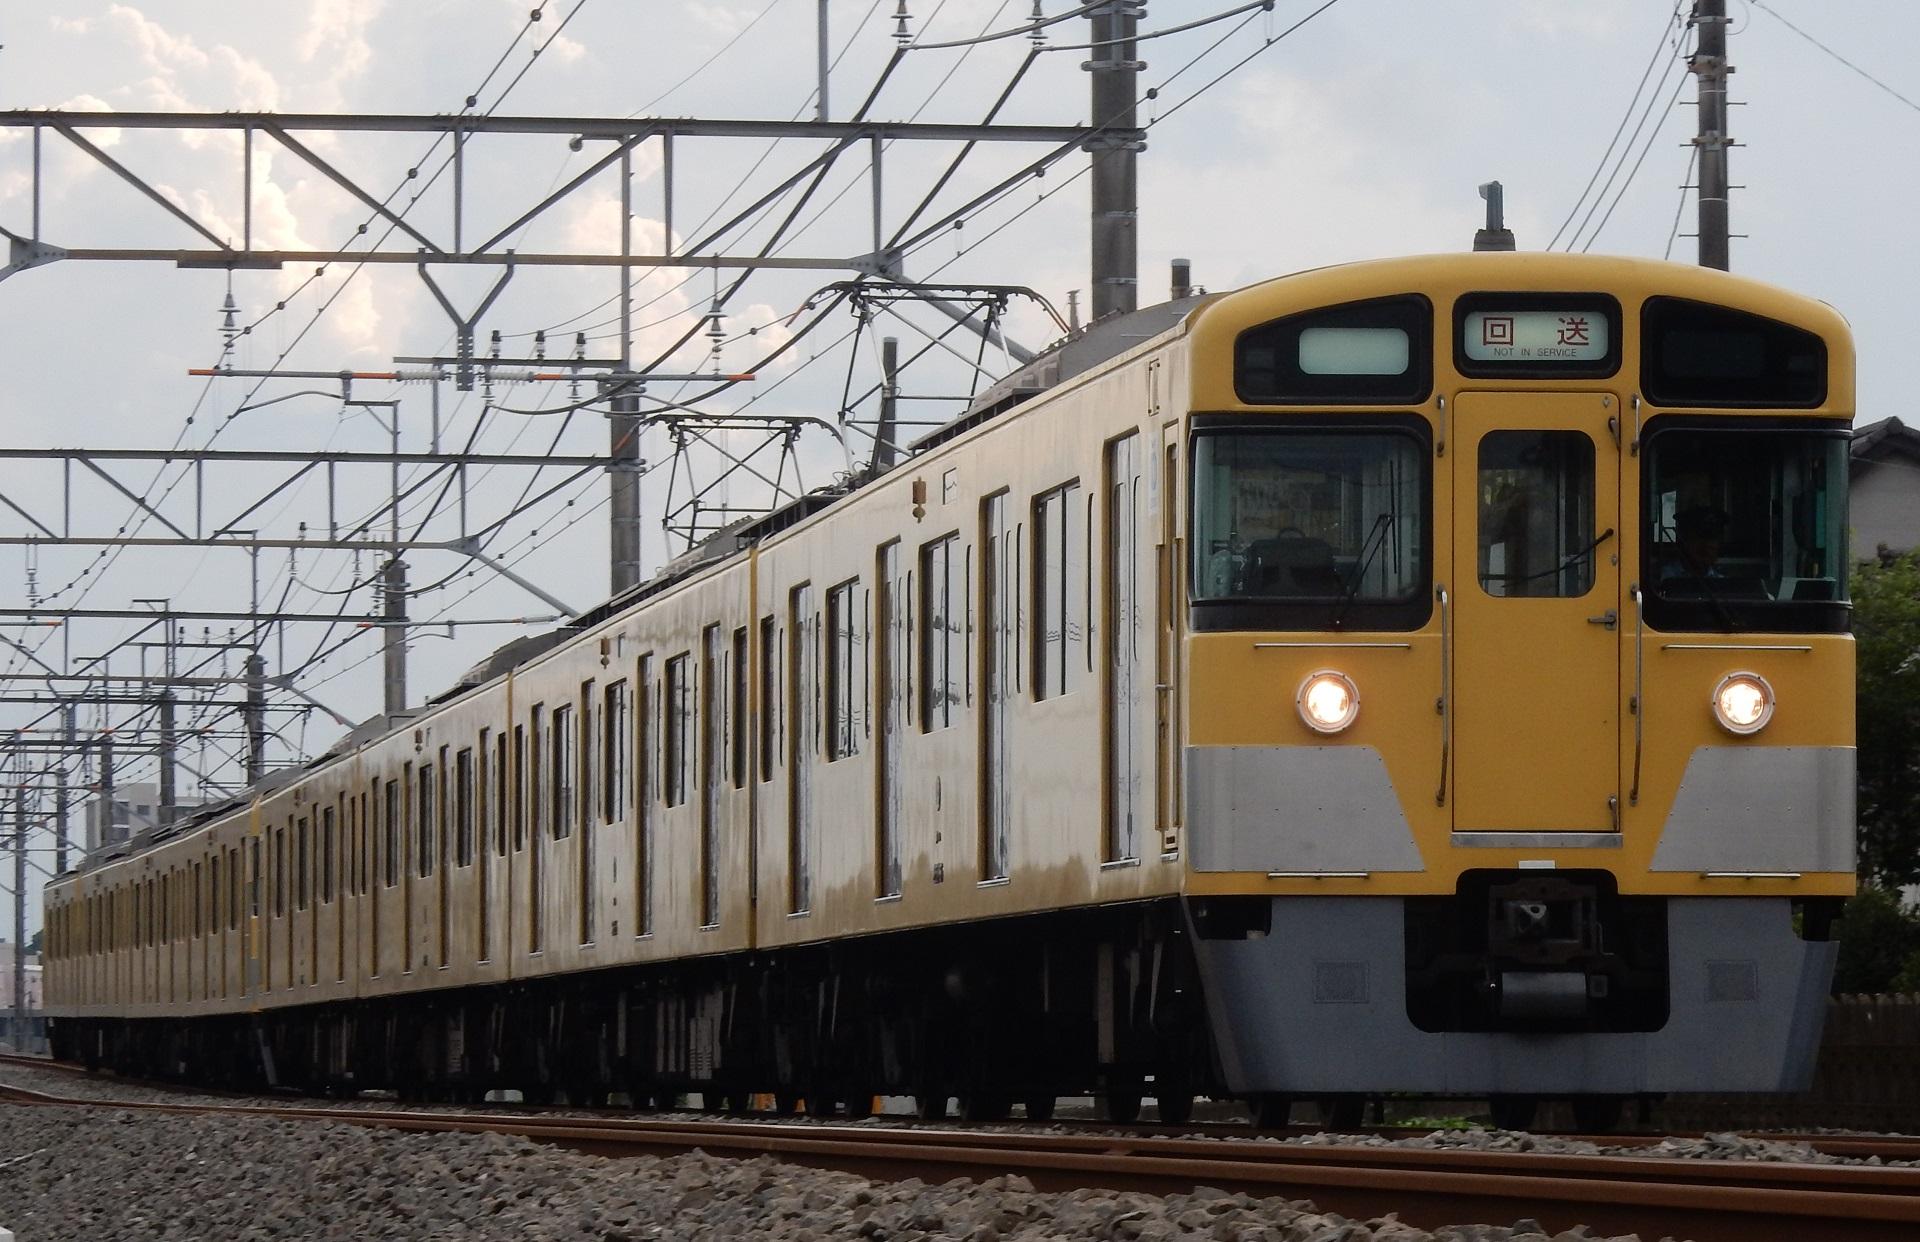 DSCN4542 - コピー